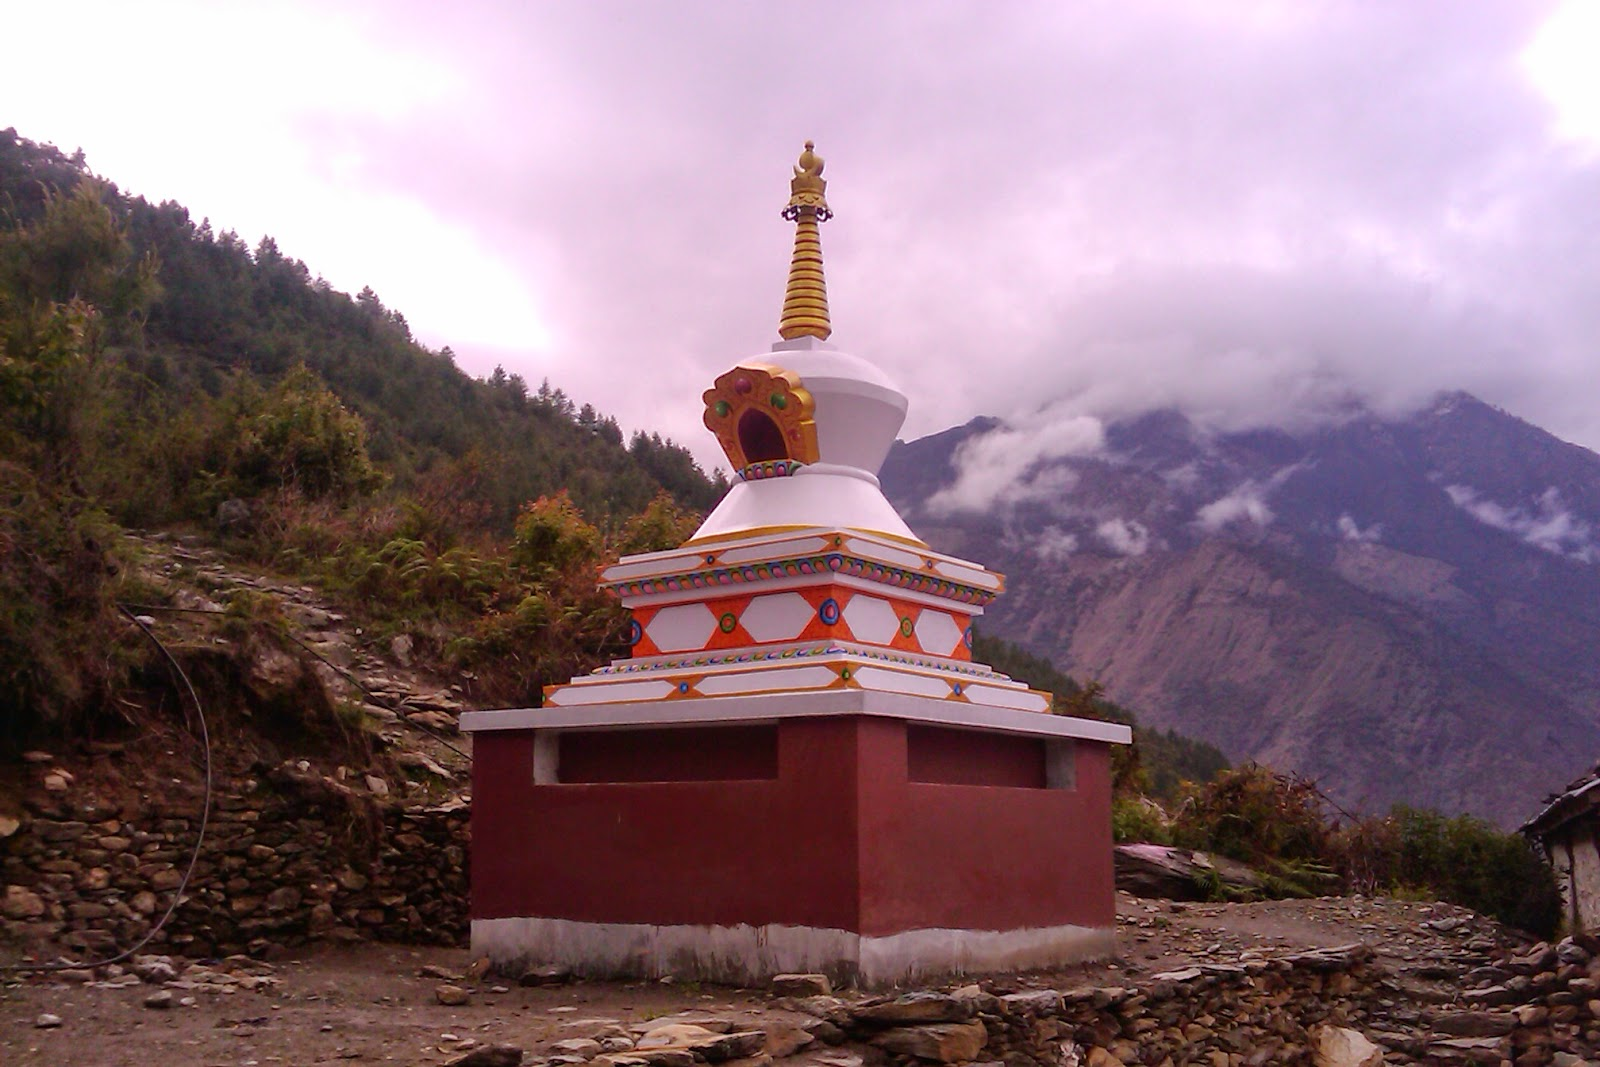 Stupa, Rasuwa District, Nepal (built by Losang Namgyal Rinpoche)